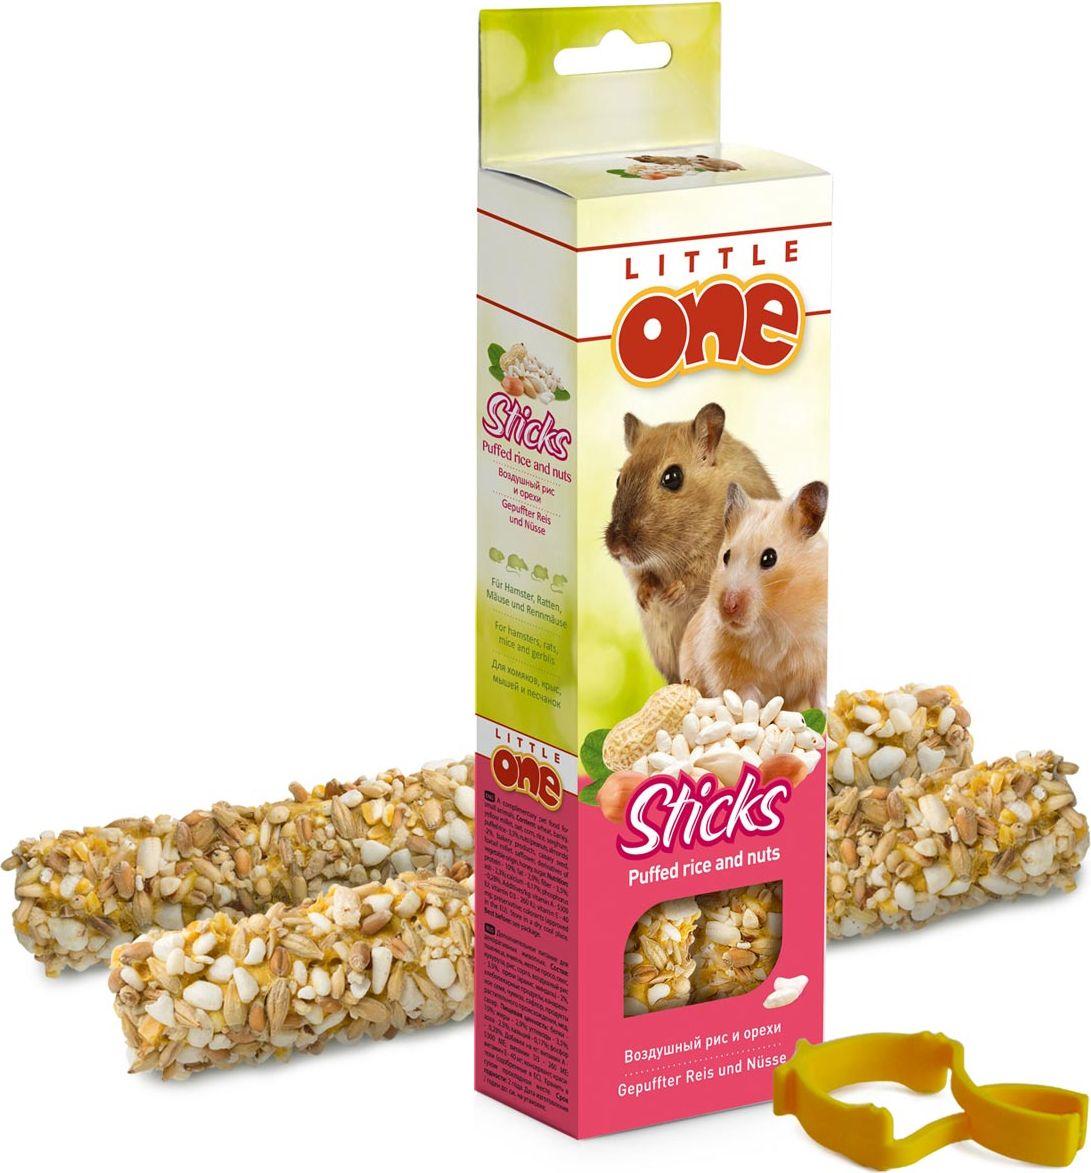 Лакомство для хомяков, крыс, мышей и песчанок Little One Sticks, с воздушным рисом и орехами, 2 х 55 г56830Лакомство Little One Sticks с воздушным рисом и орехами - это дополнительное питание для хомяков, крыс, мышей и песчанок. В процессе производства палочки запекают в специальных печах особым способом, это обеспечивает превосходный вкус и хрустящую консистенцию.Лакомство имеет буковый стержень, который отлично подходит для стачивания зубов.В комплект входит съемный держатель.Товар сертифицирован.